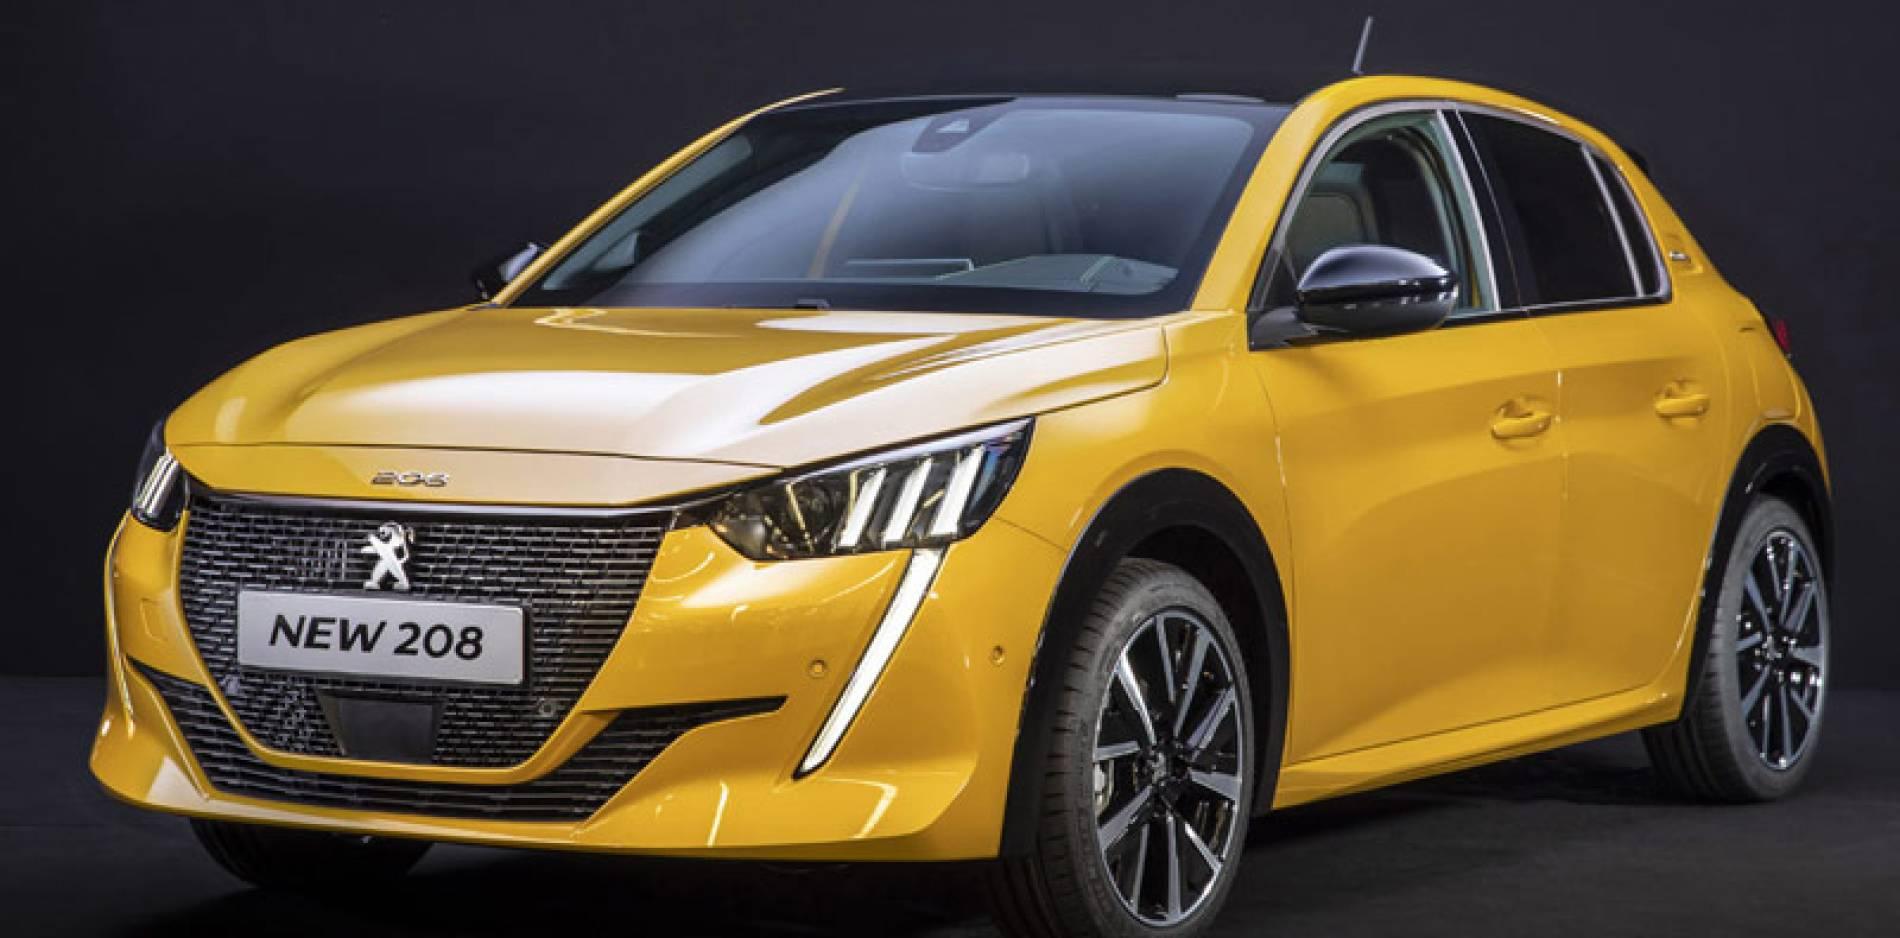 El Peugeot 208 se reinventa: imagen radical, tecnología de vanguardia y versión eléctrica